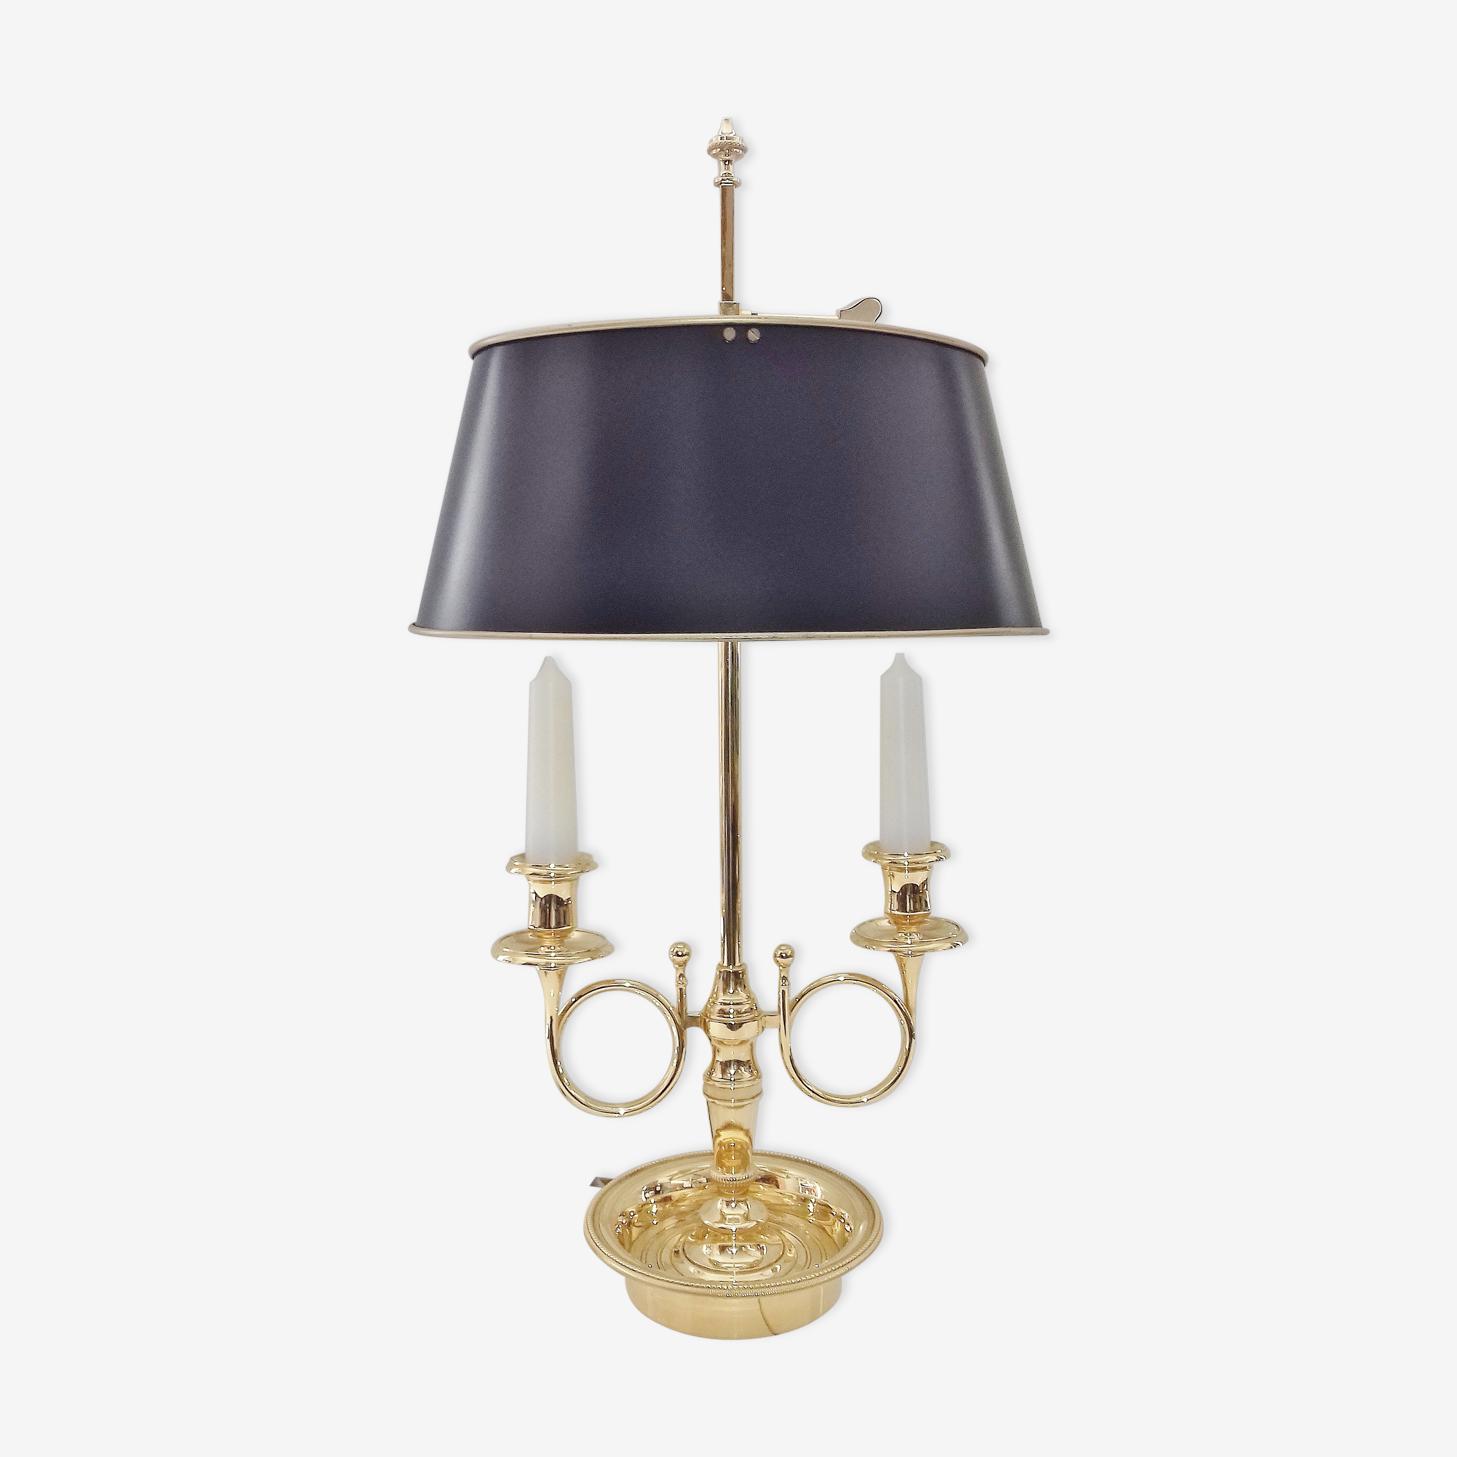 Lampe bouillotte salon bureau laiton bronze doré